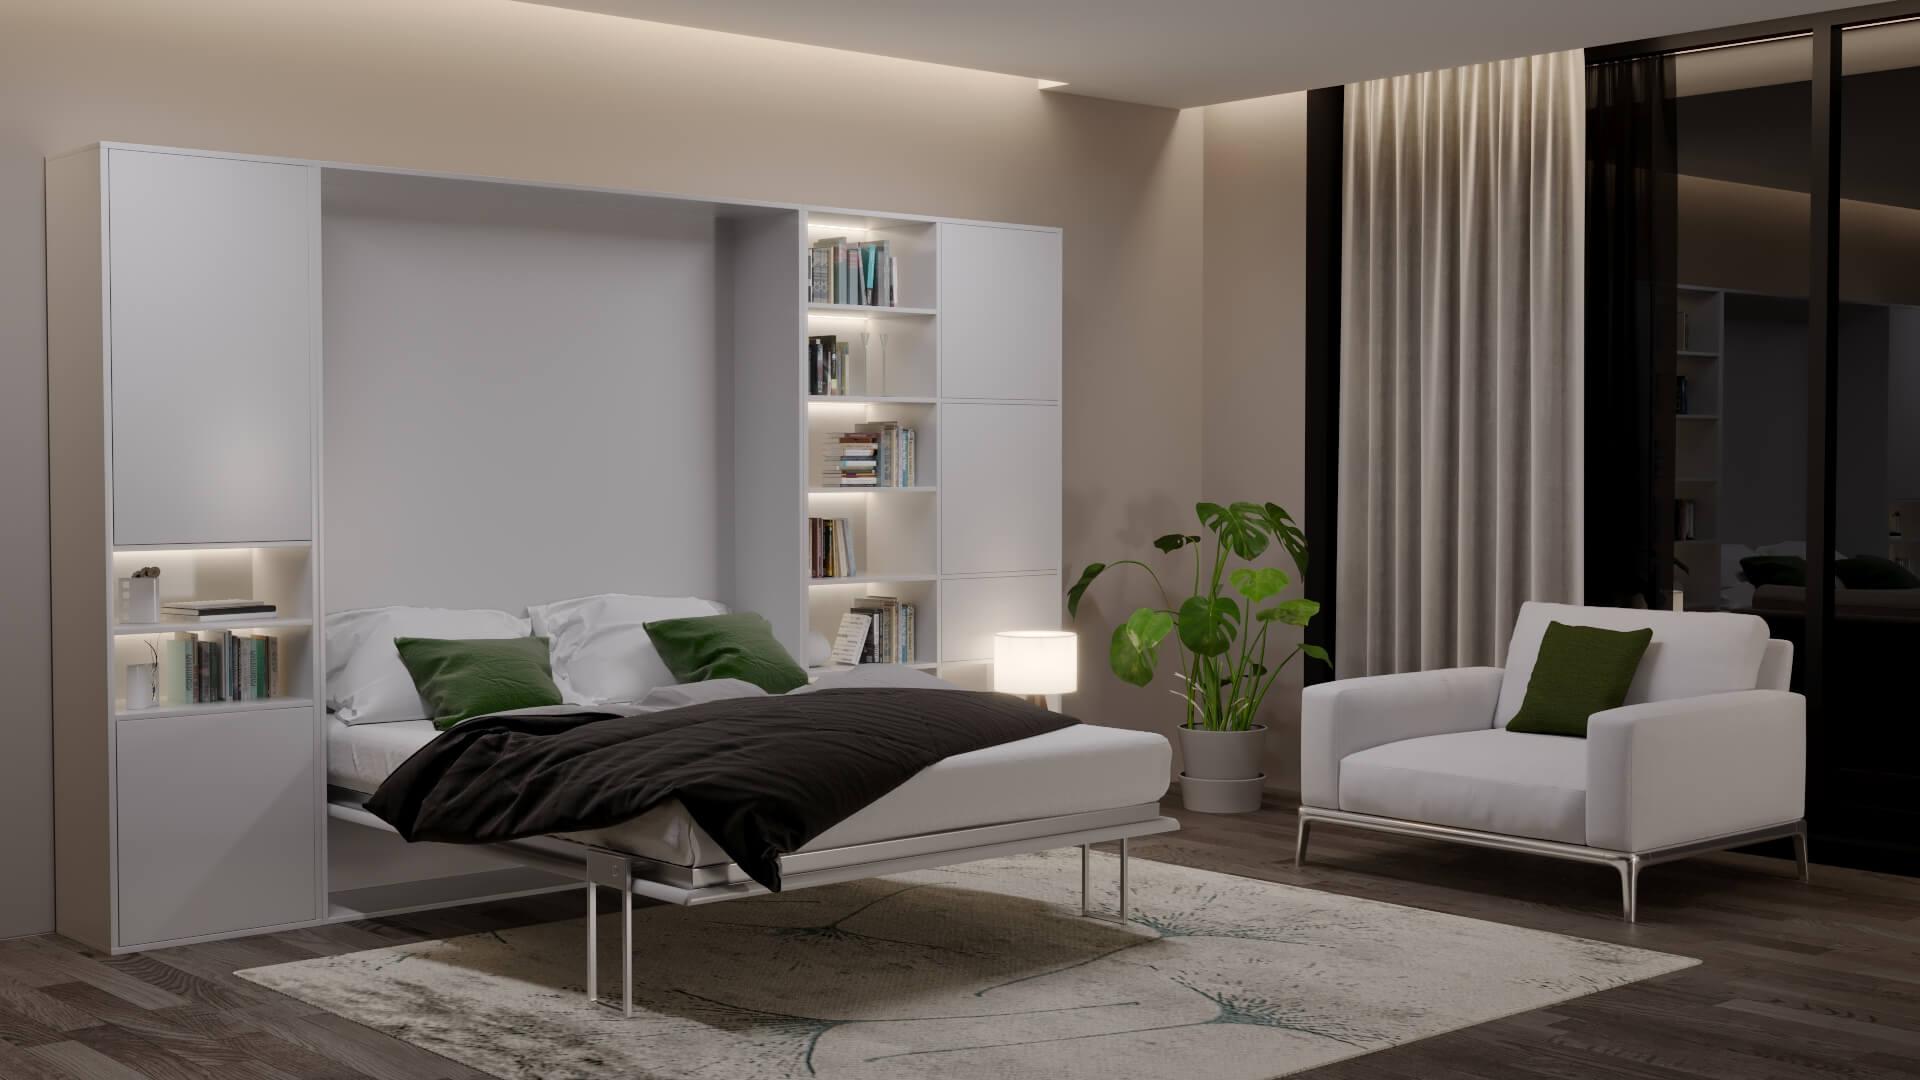 rendu 3D de mobilier - marche du meuble en 2021